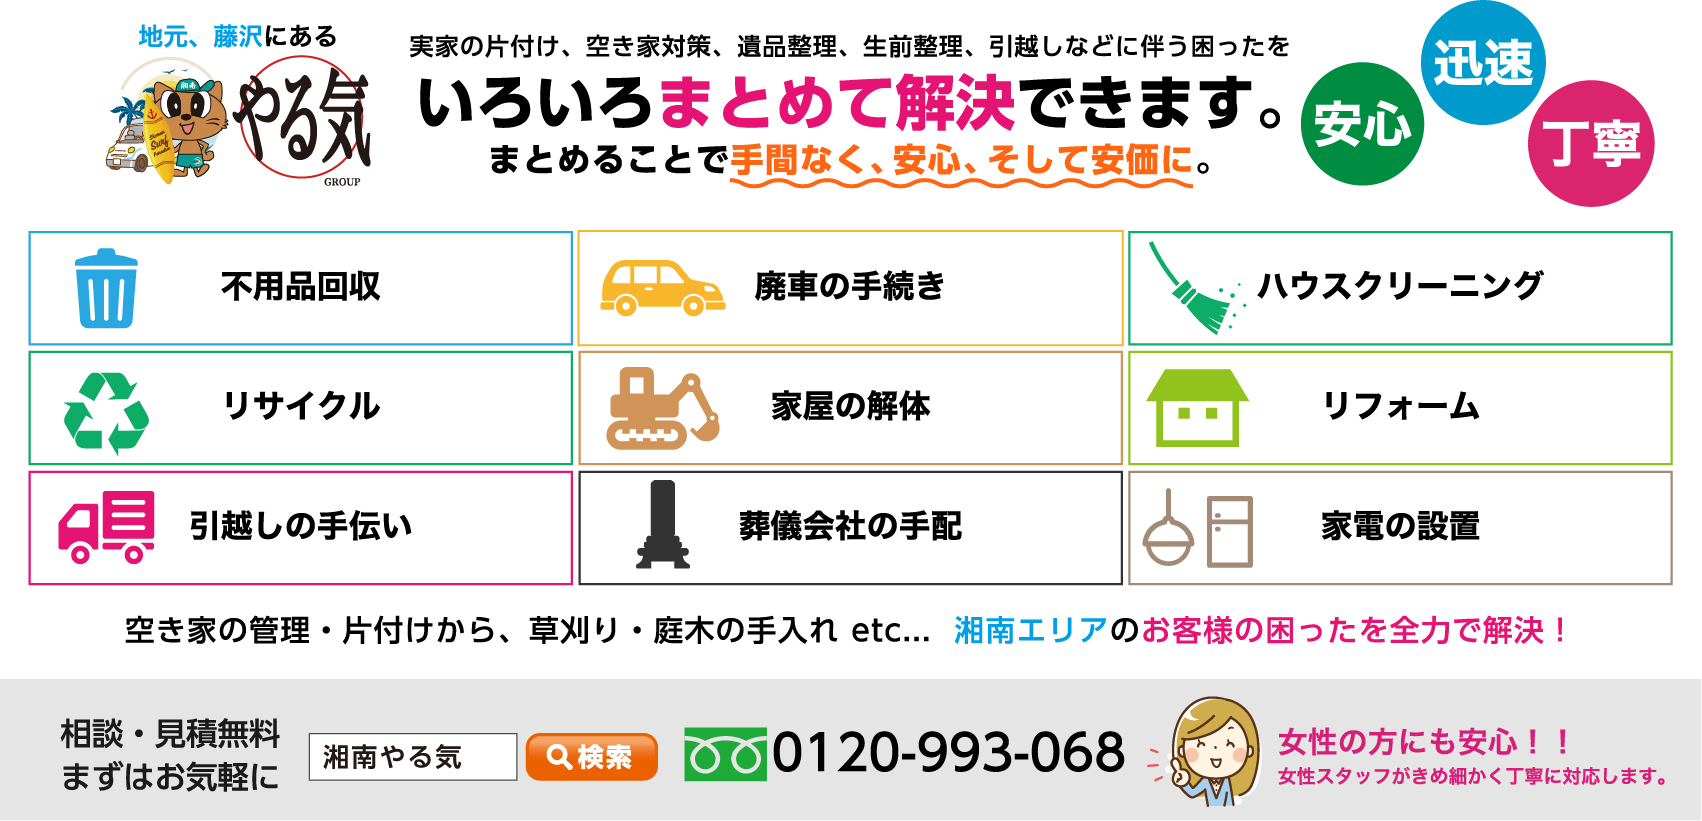 やる気グループを乗せた神奈川中央交通バスが平塚エリアを巡回中です!